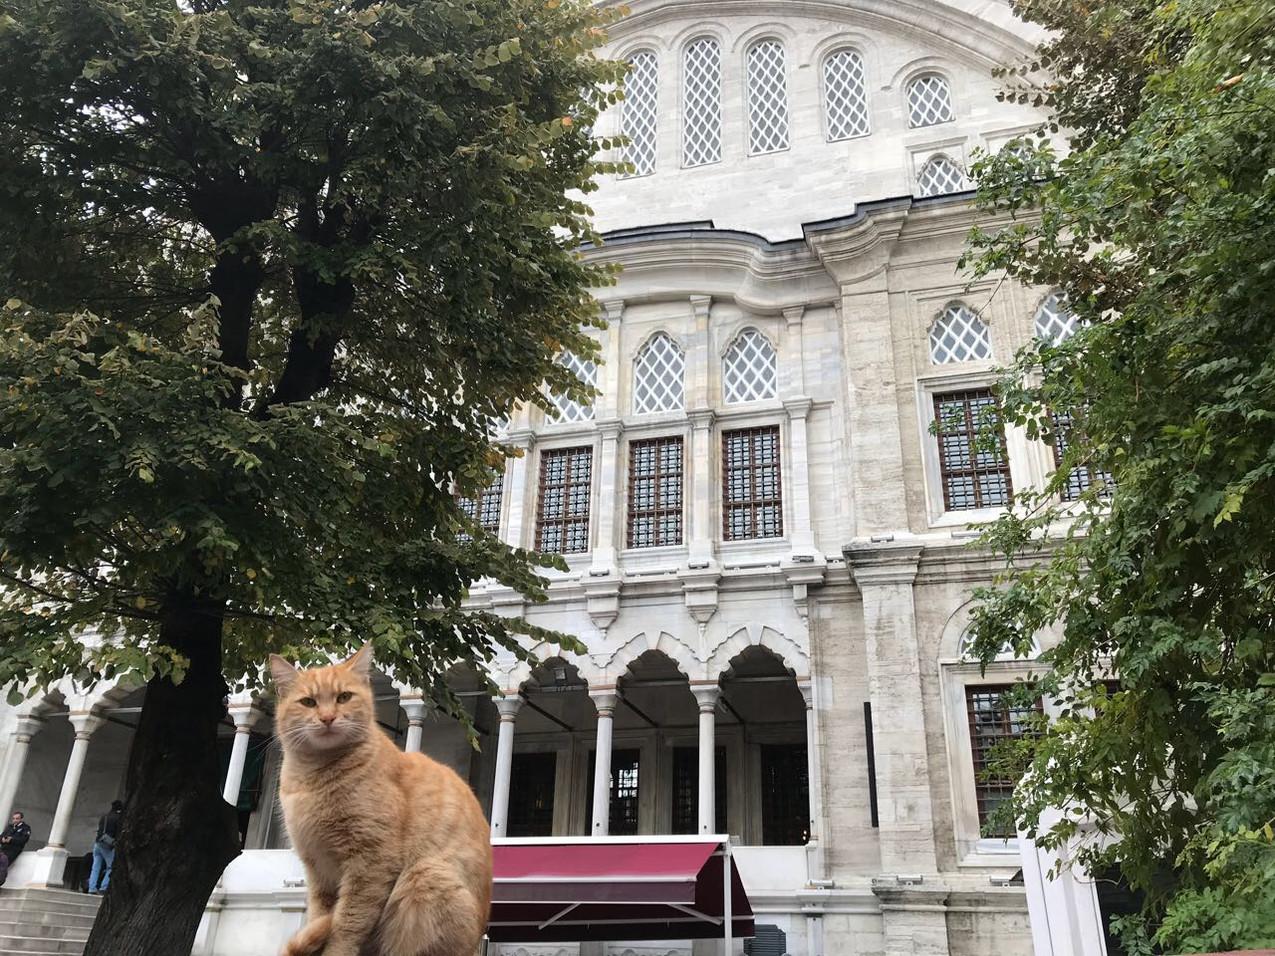 世界遺産だらけの旧市街と猫(猫だらけ)(トルコらしい画その参)